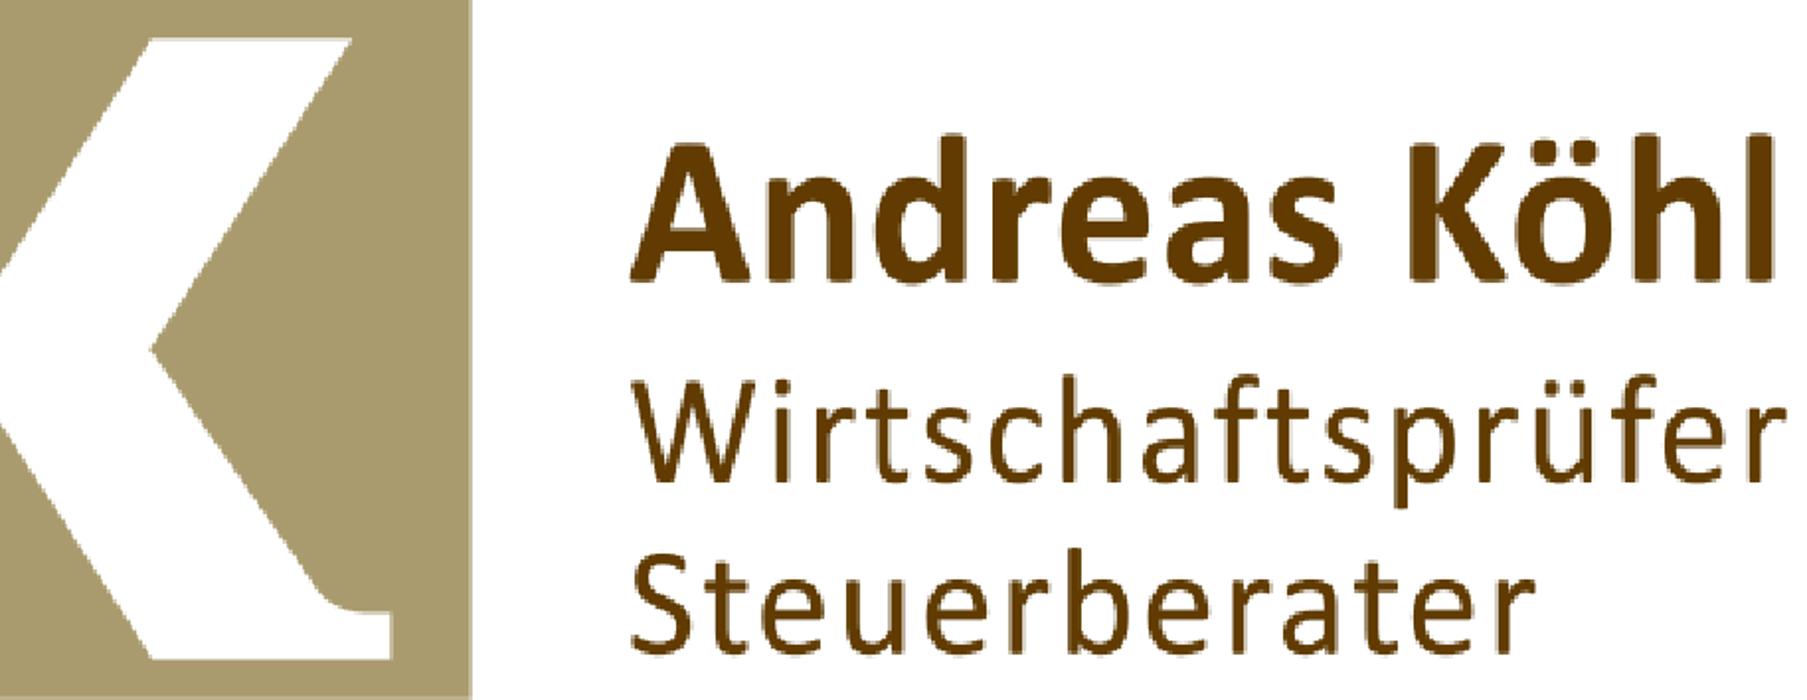 Bild zu Andreas Köhl Wirtschaftsprüfer Steuerberater in Landshut